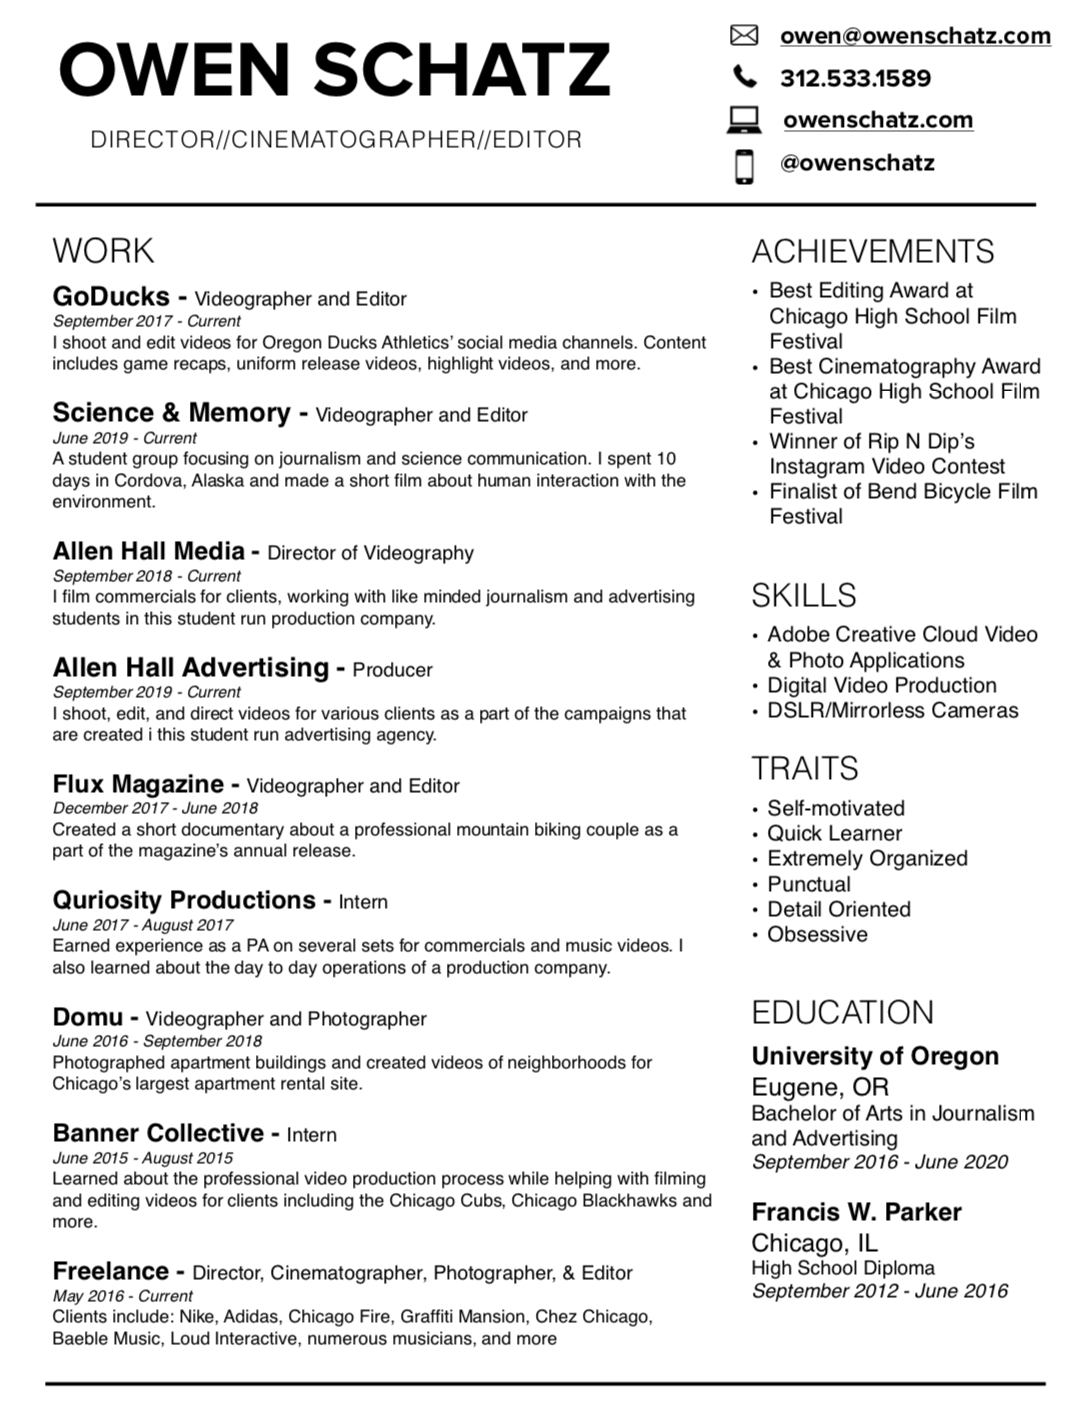 OwenSchatz-Resume2019.png